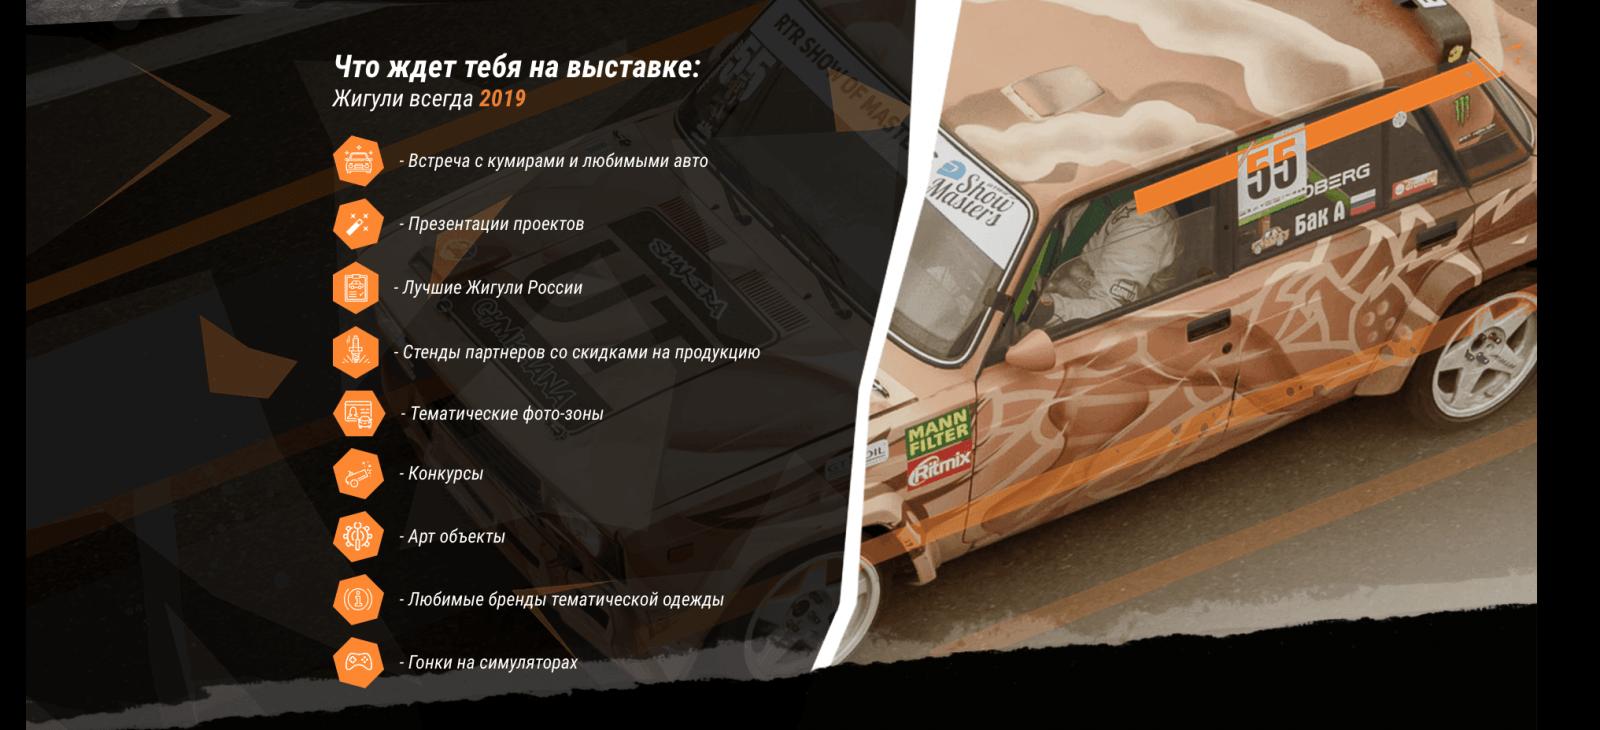 Выставка автомобильной культуры «Жигули Всегда» в Сокольниках. 2